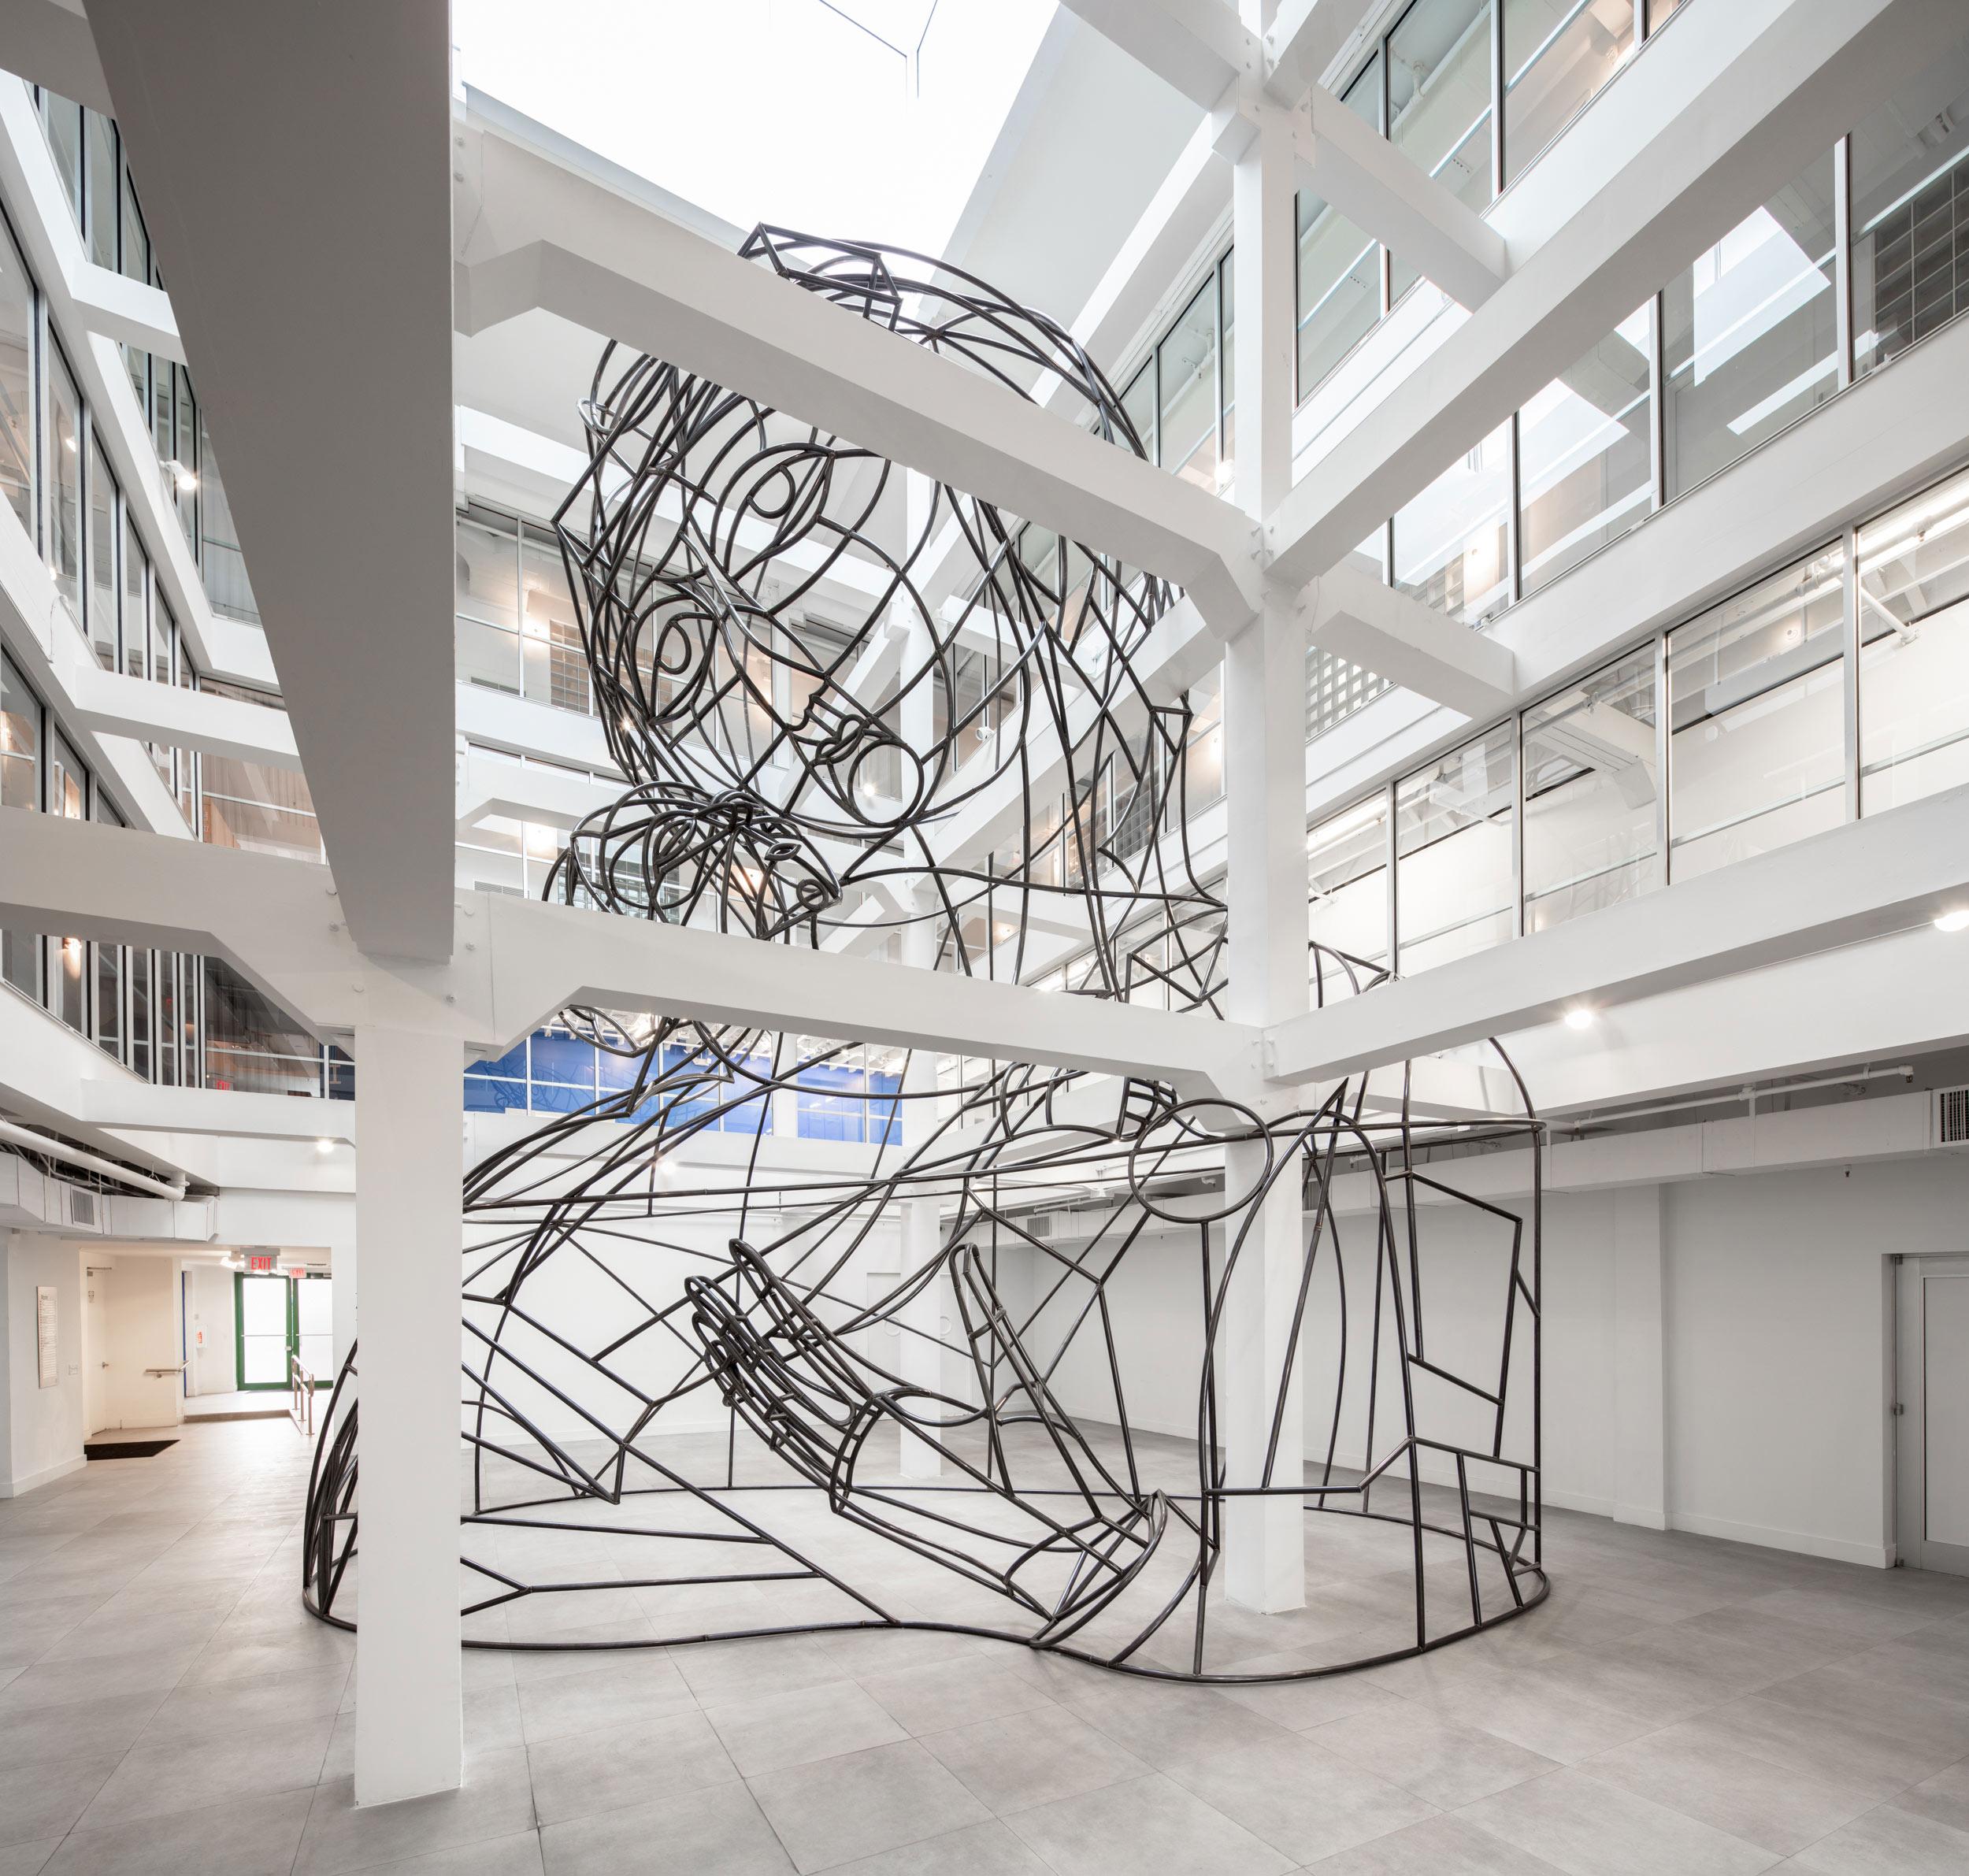 Thomas Bayrle | Institute of Contemporary Art, Miami - Institute of ...